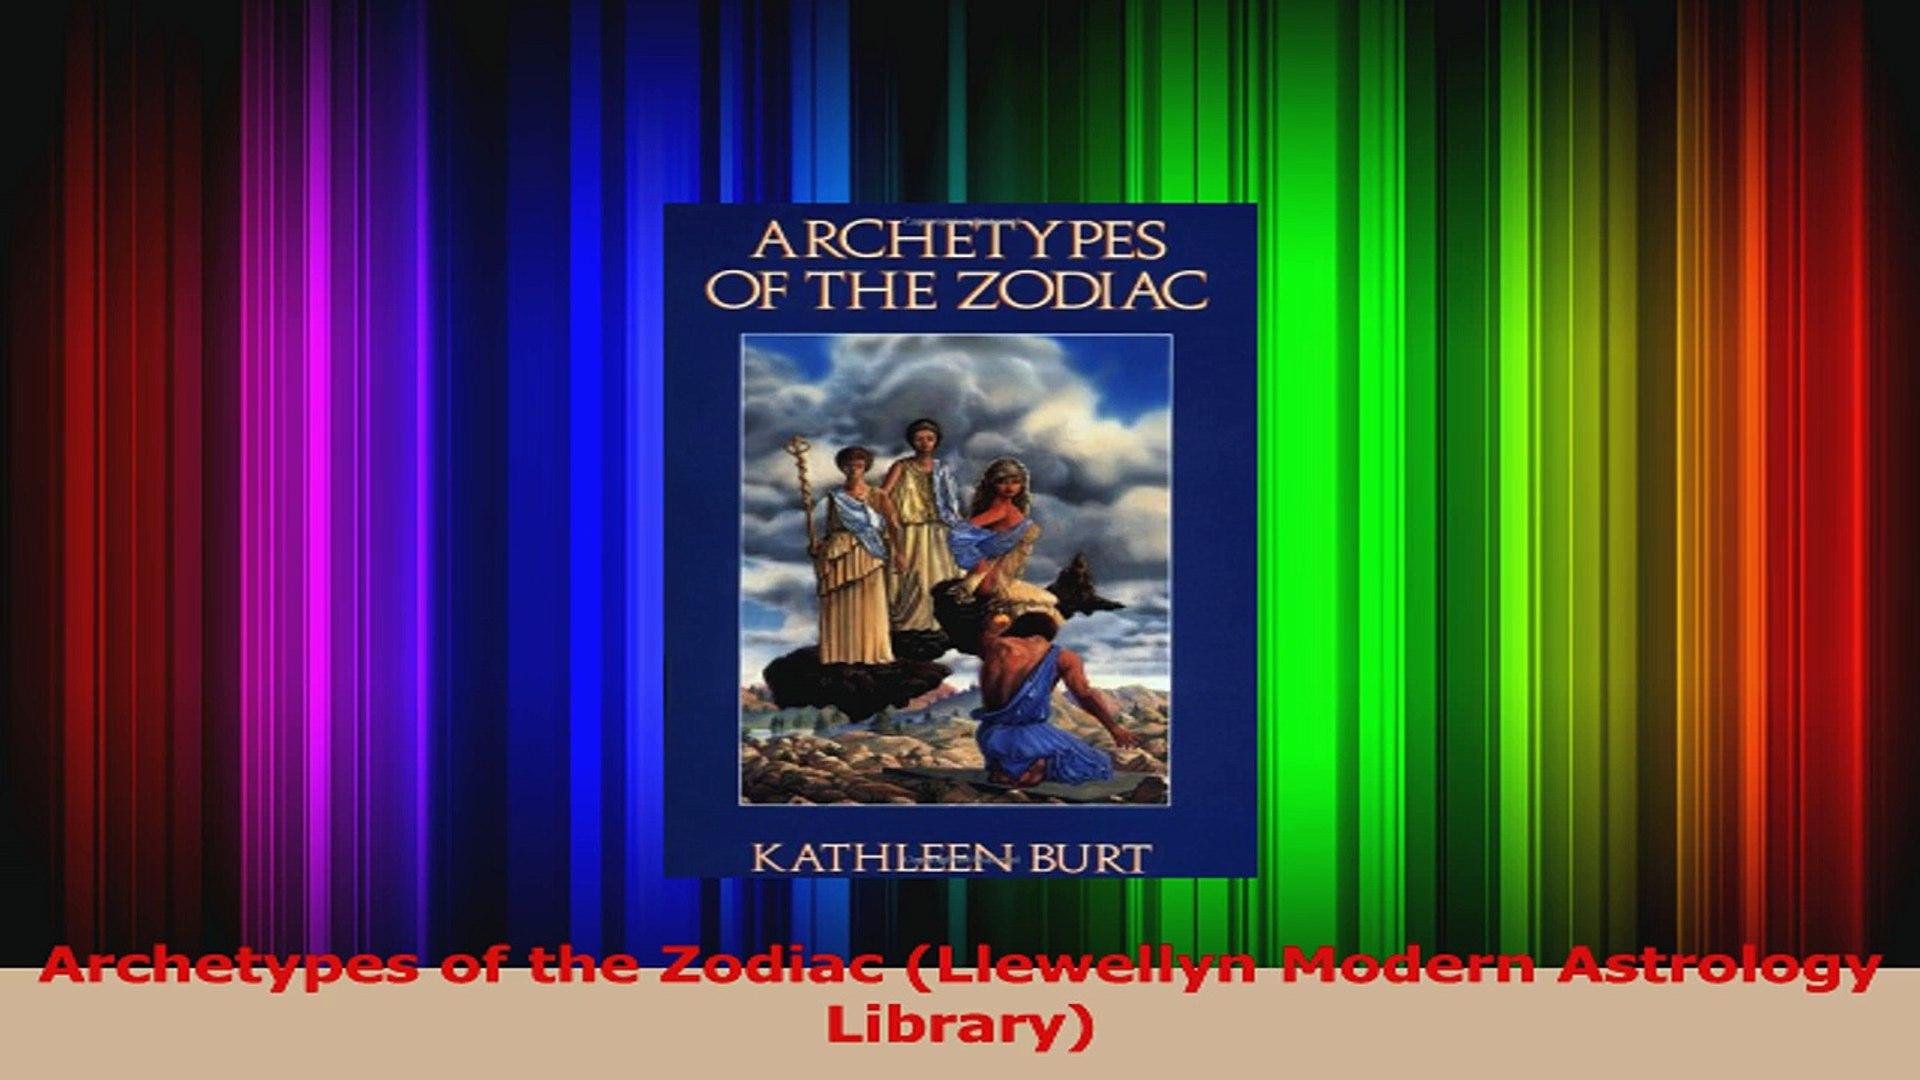 Archetypes of the Zodiac Llewellyn Modern Astrology Library PDF